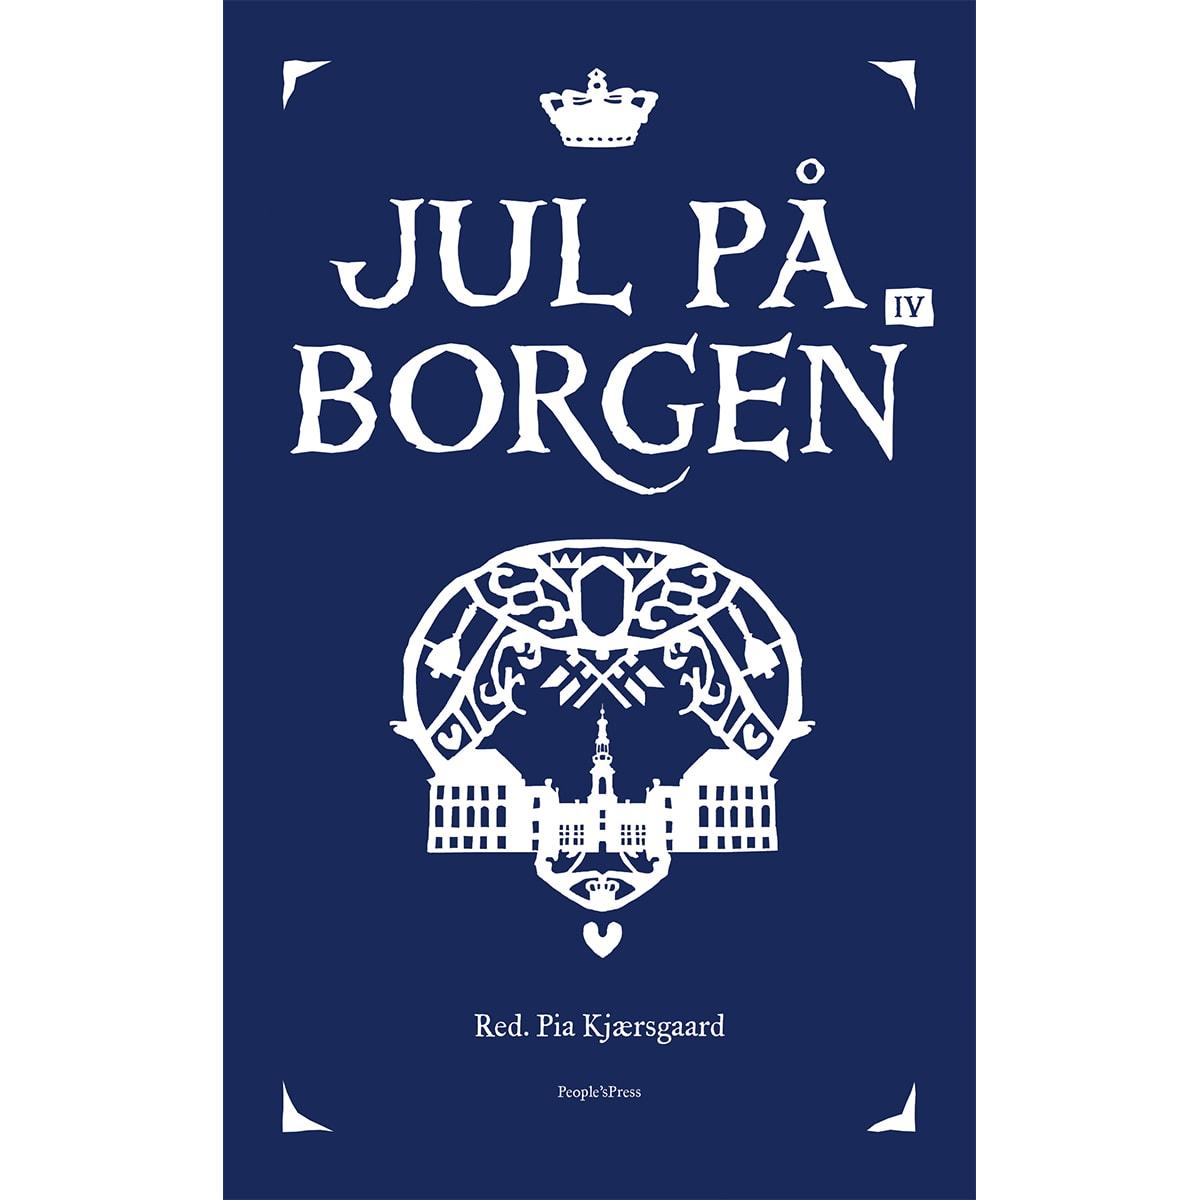 Redigeret af Pia Kjærsgaard